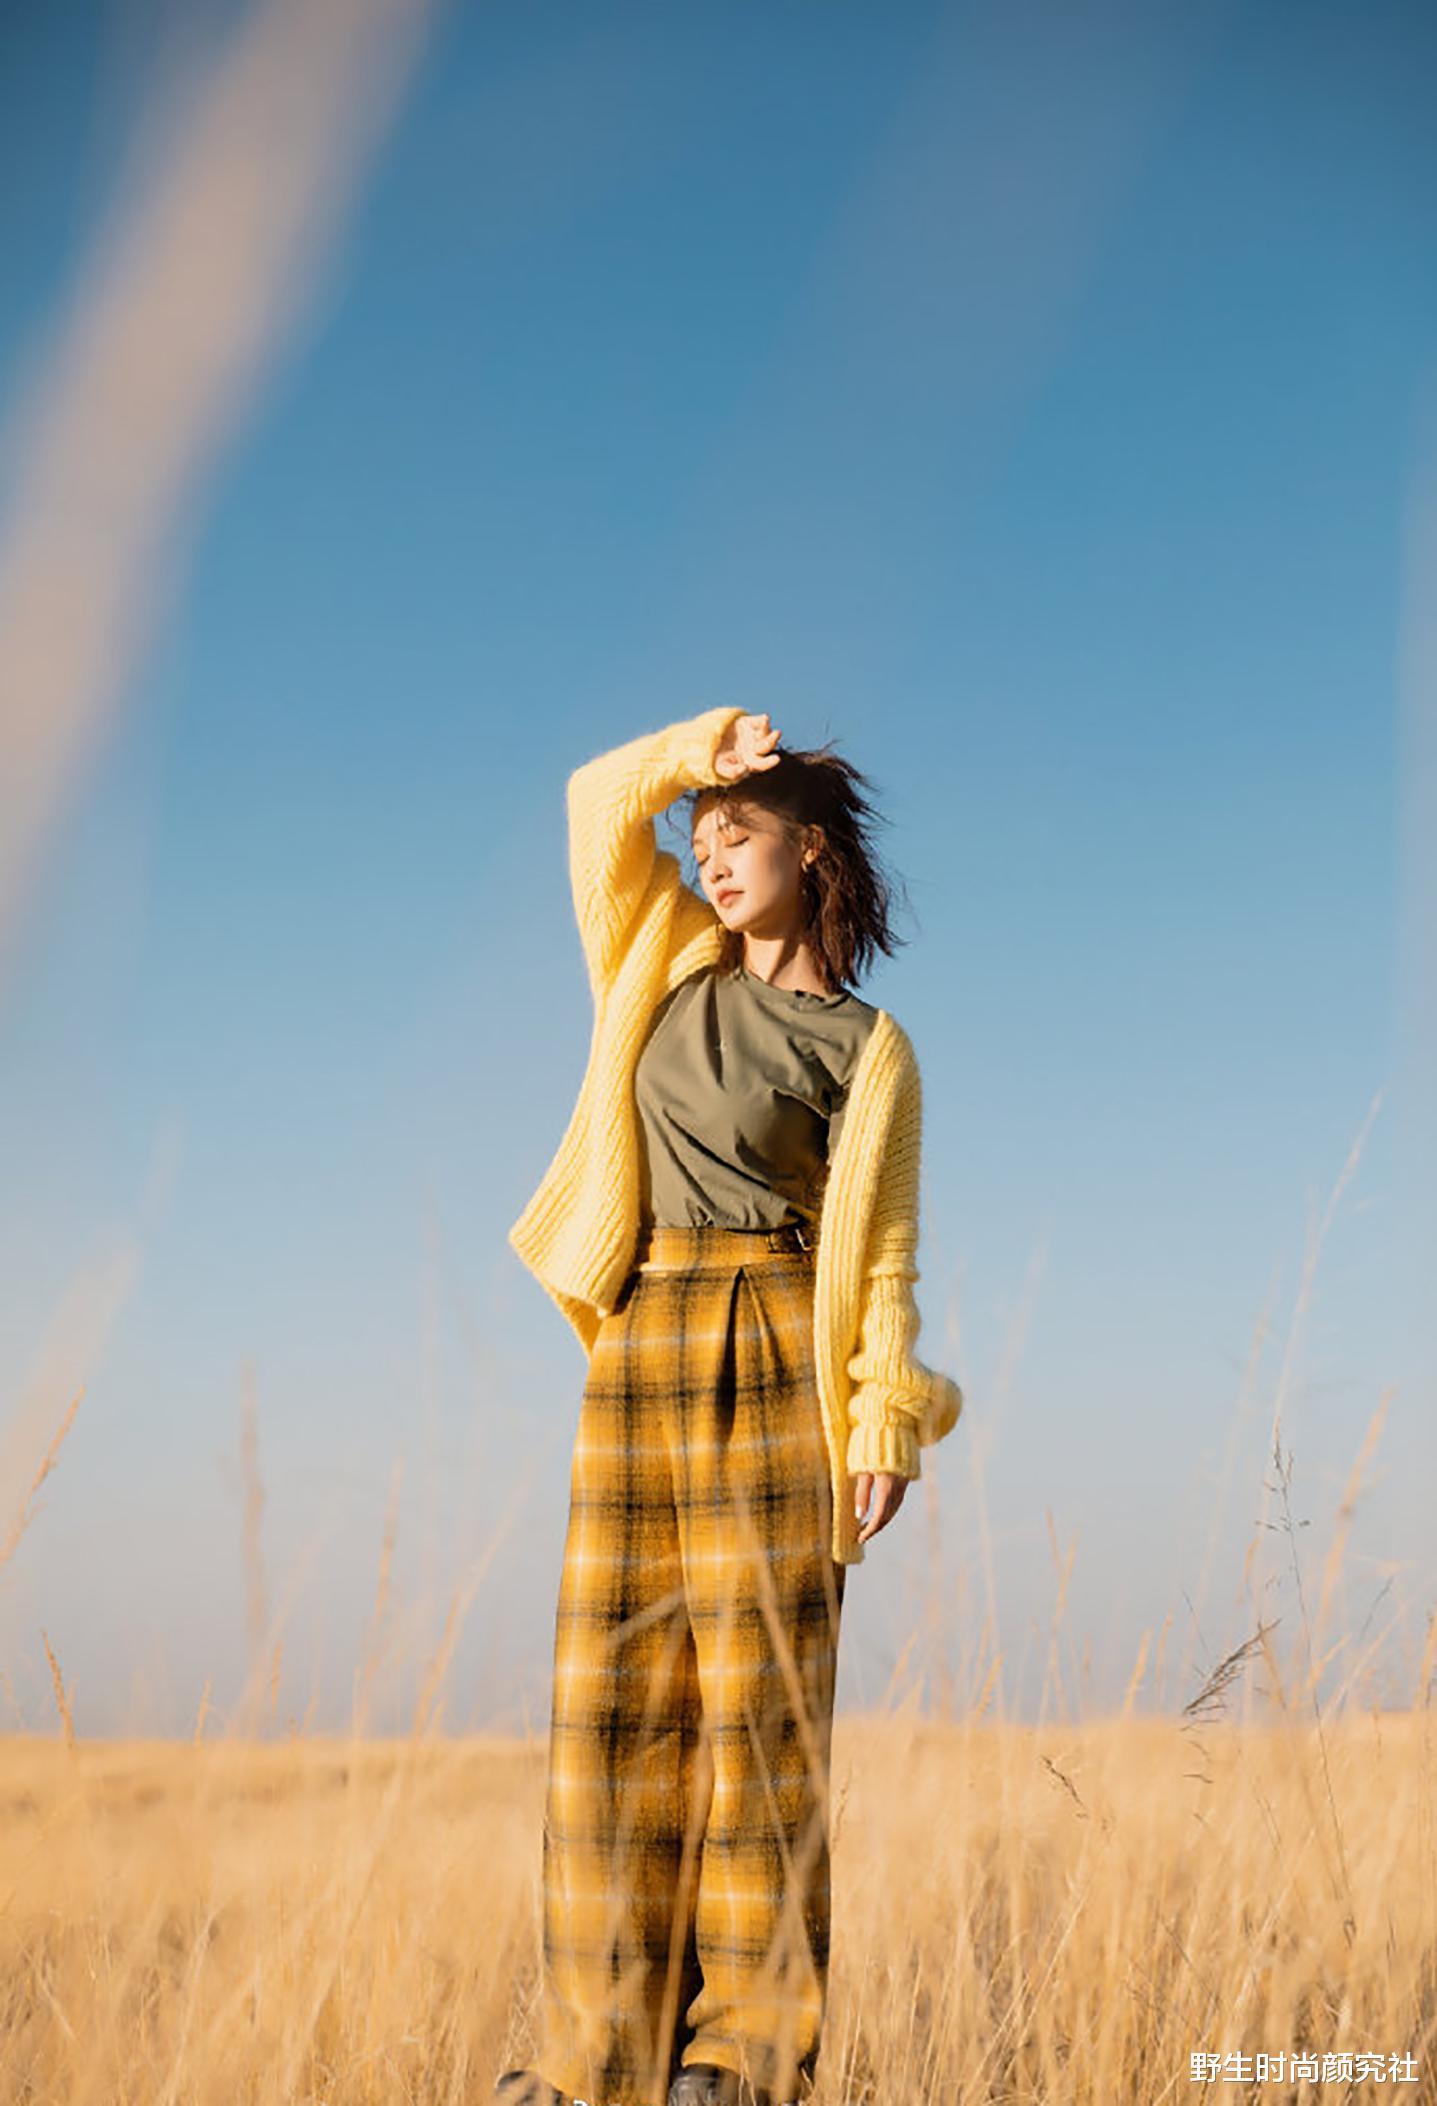 李沁出遊穿得好隨意,基礎款都能穿出時尚高級感,配色舒服又耐看-圖3